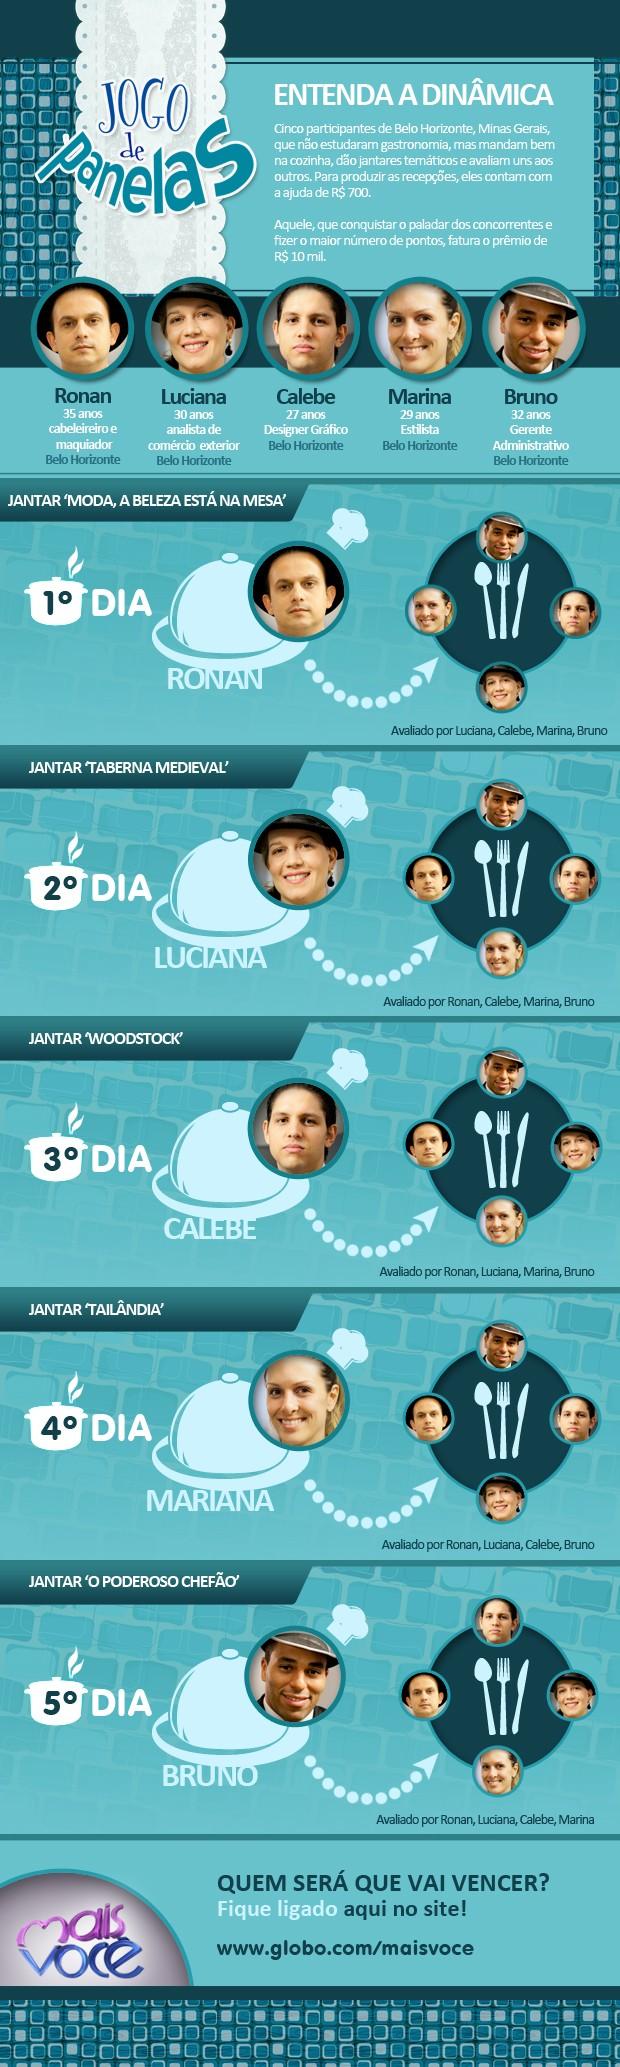 Entenda a dinâmica2 - Jogo de Panelas IV (Foto: Mais Você / TV Globo)